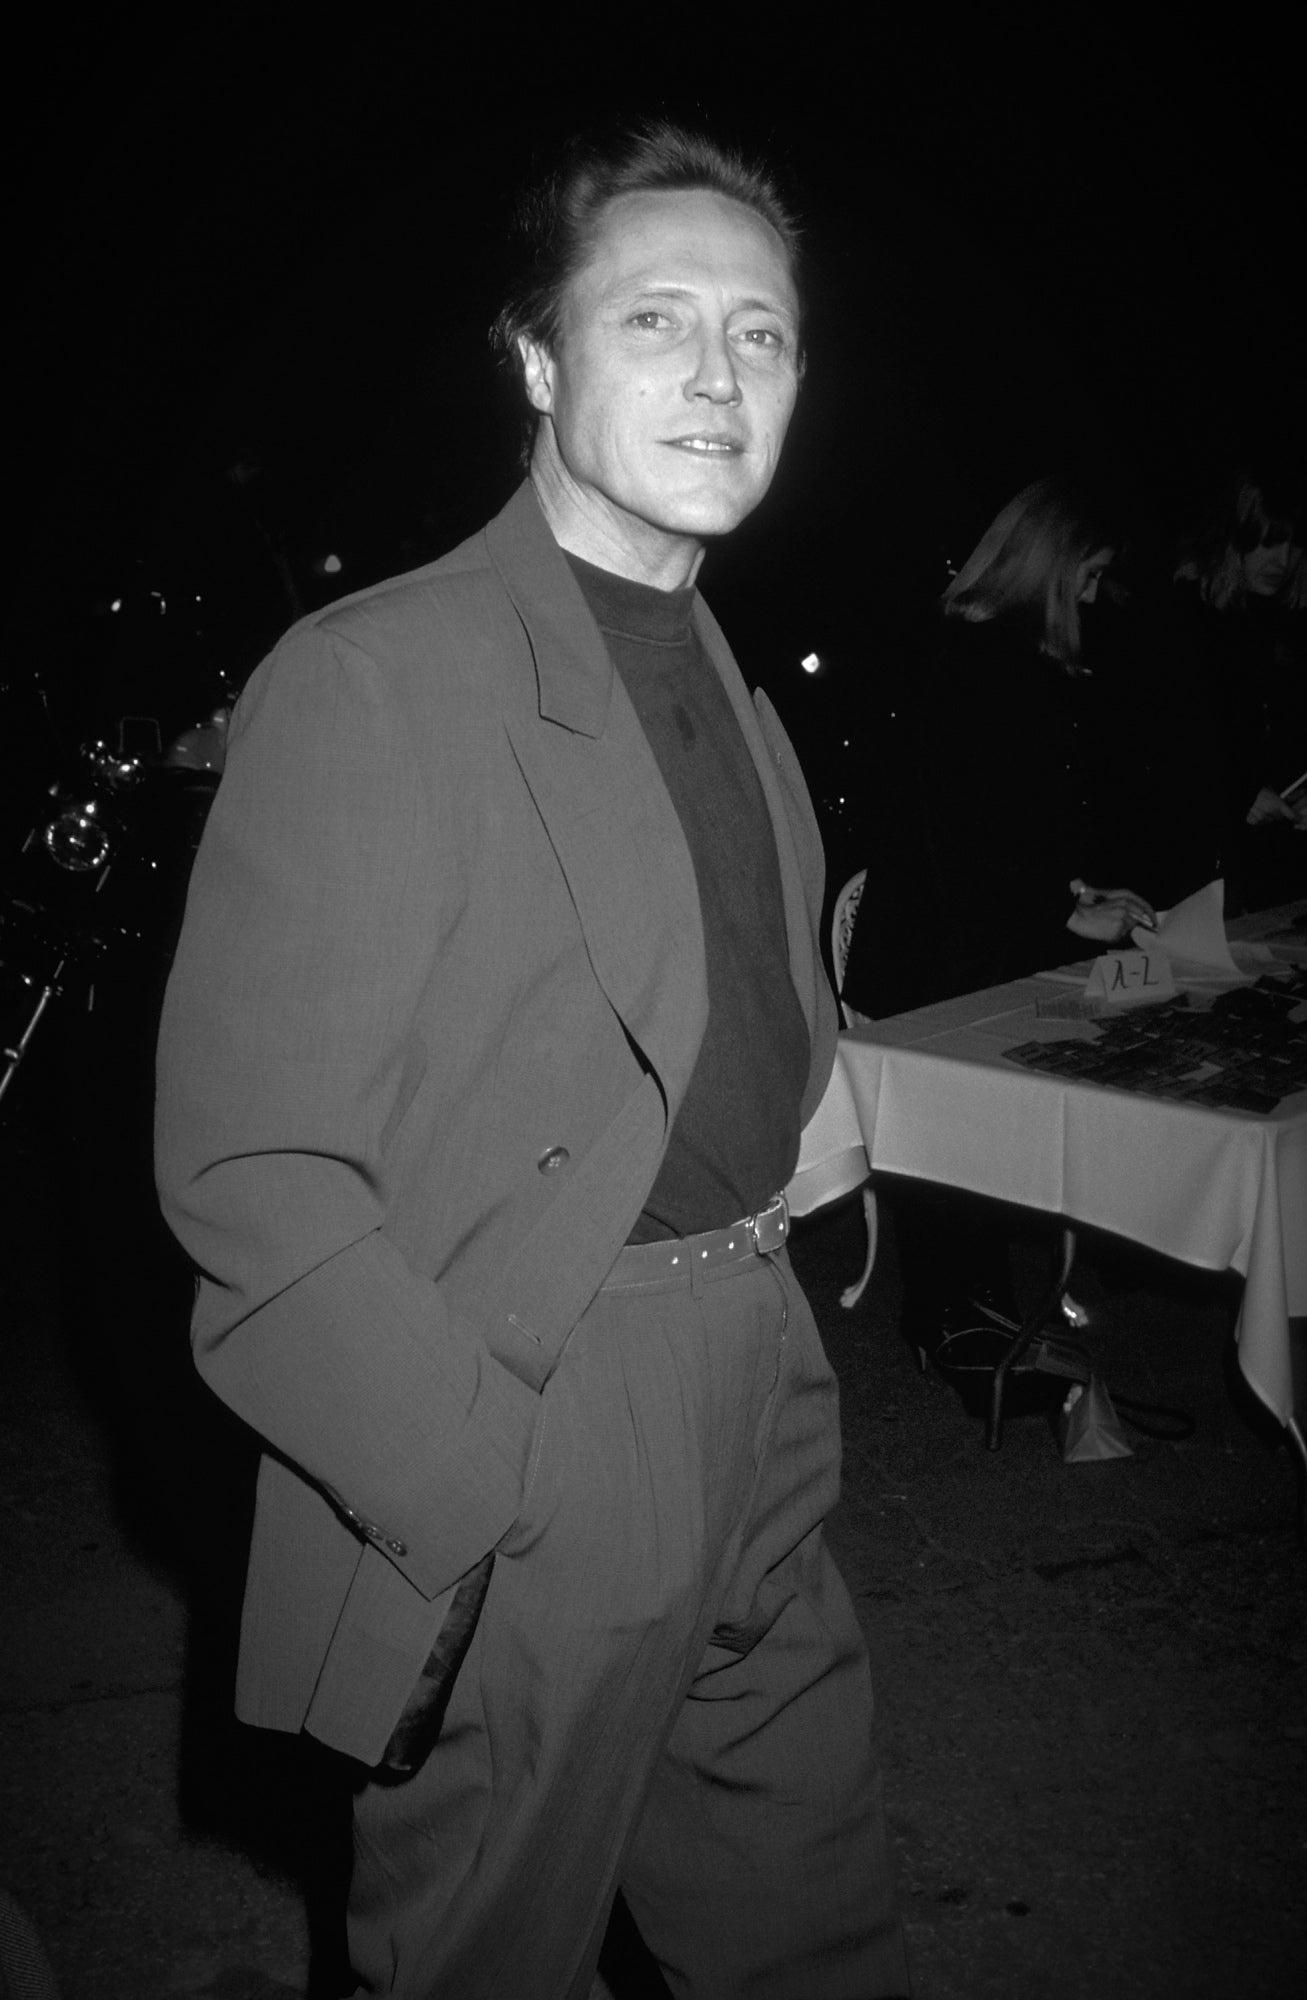 Actor Christopher Walken, Golden Globe nominee